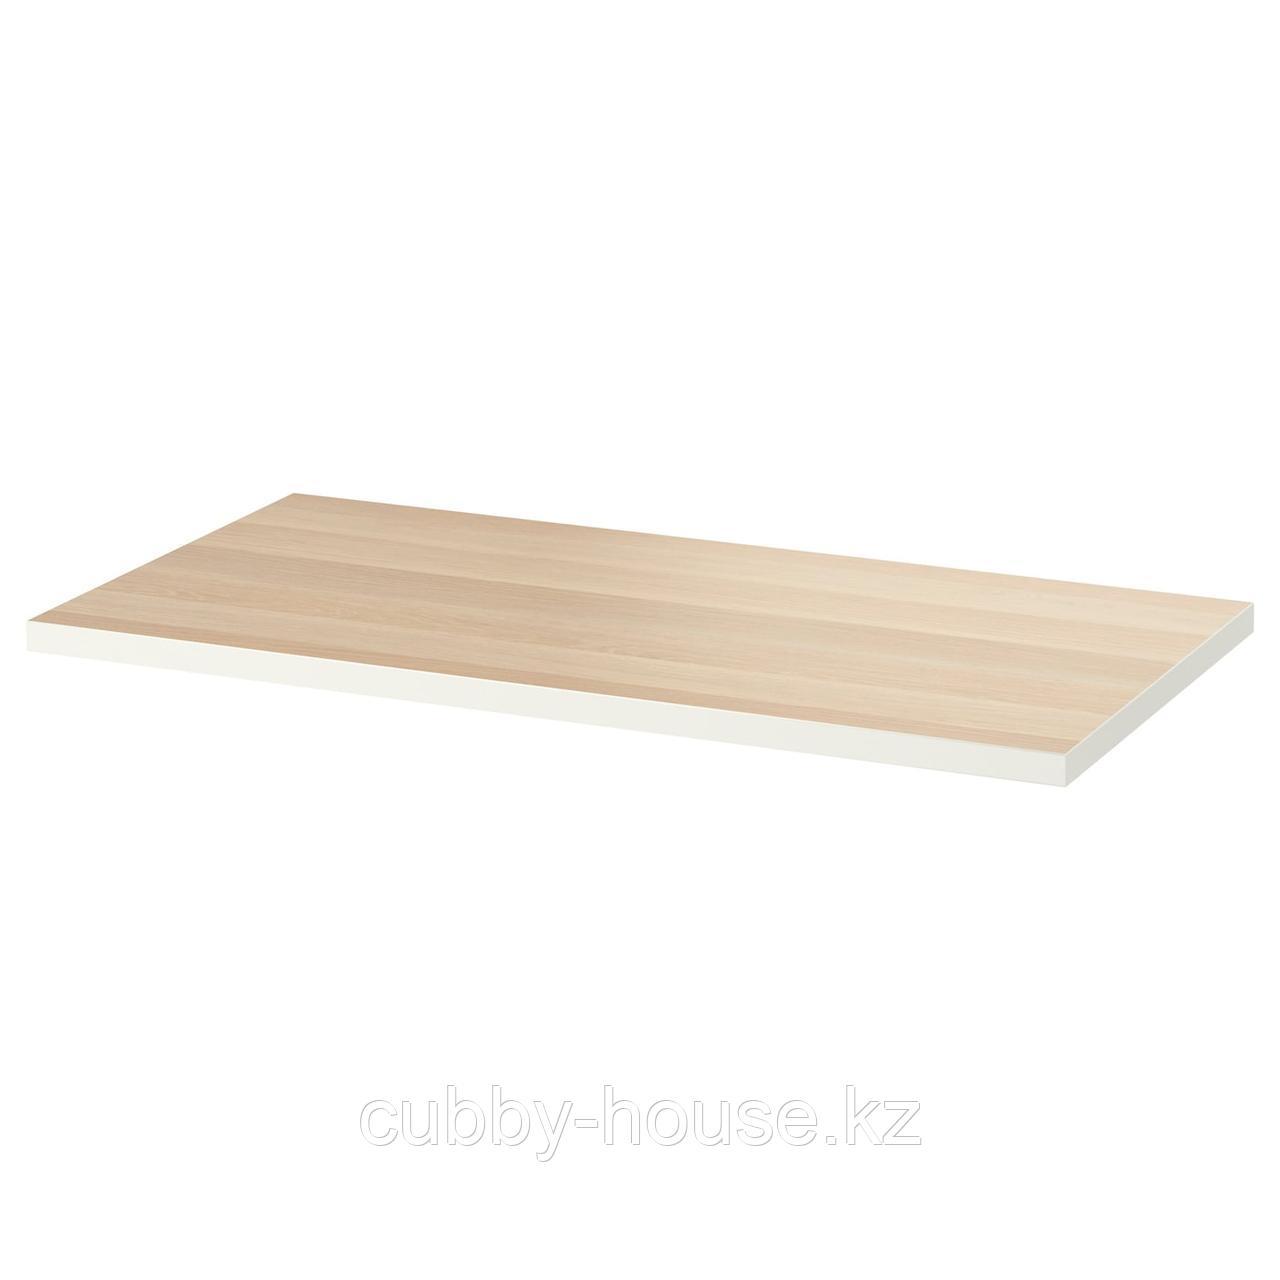 ЛИННМОН Столешница, белый, под беленый дуб, 100x60 см